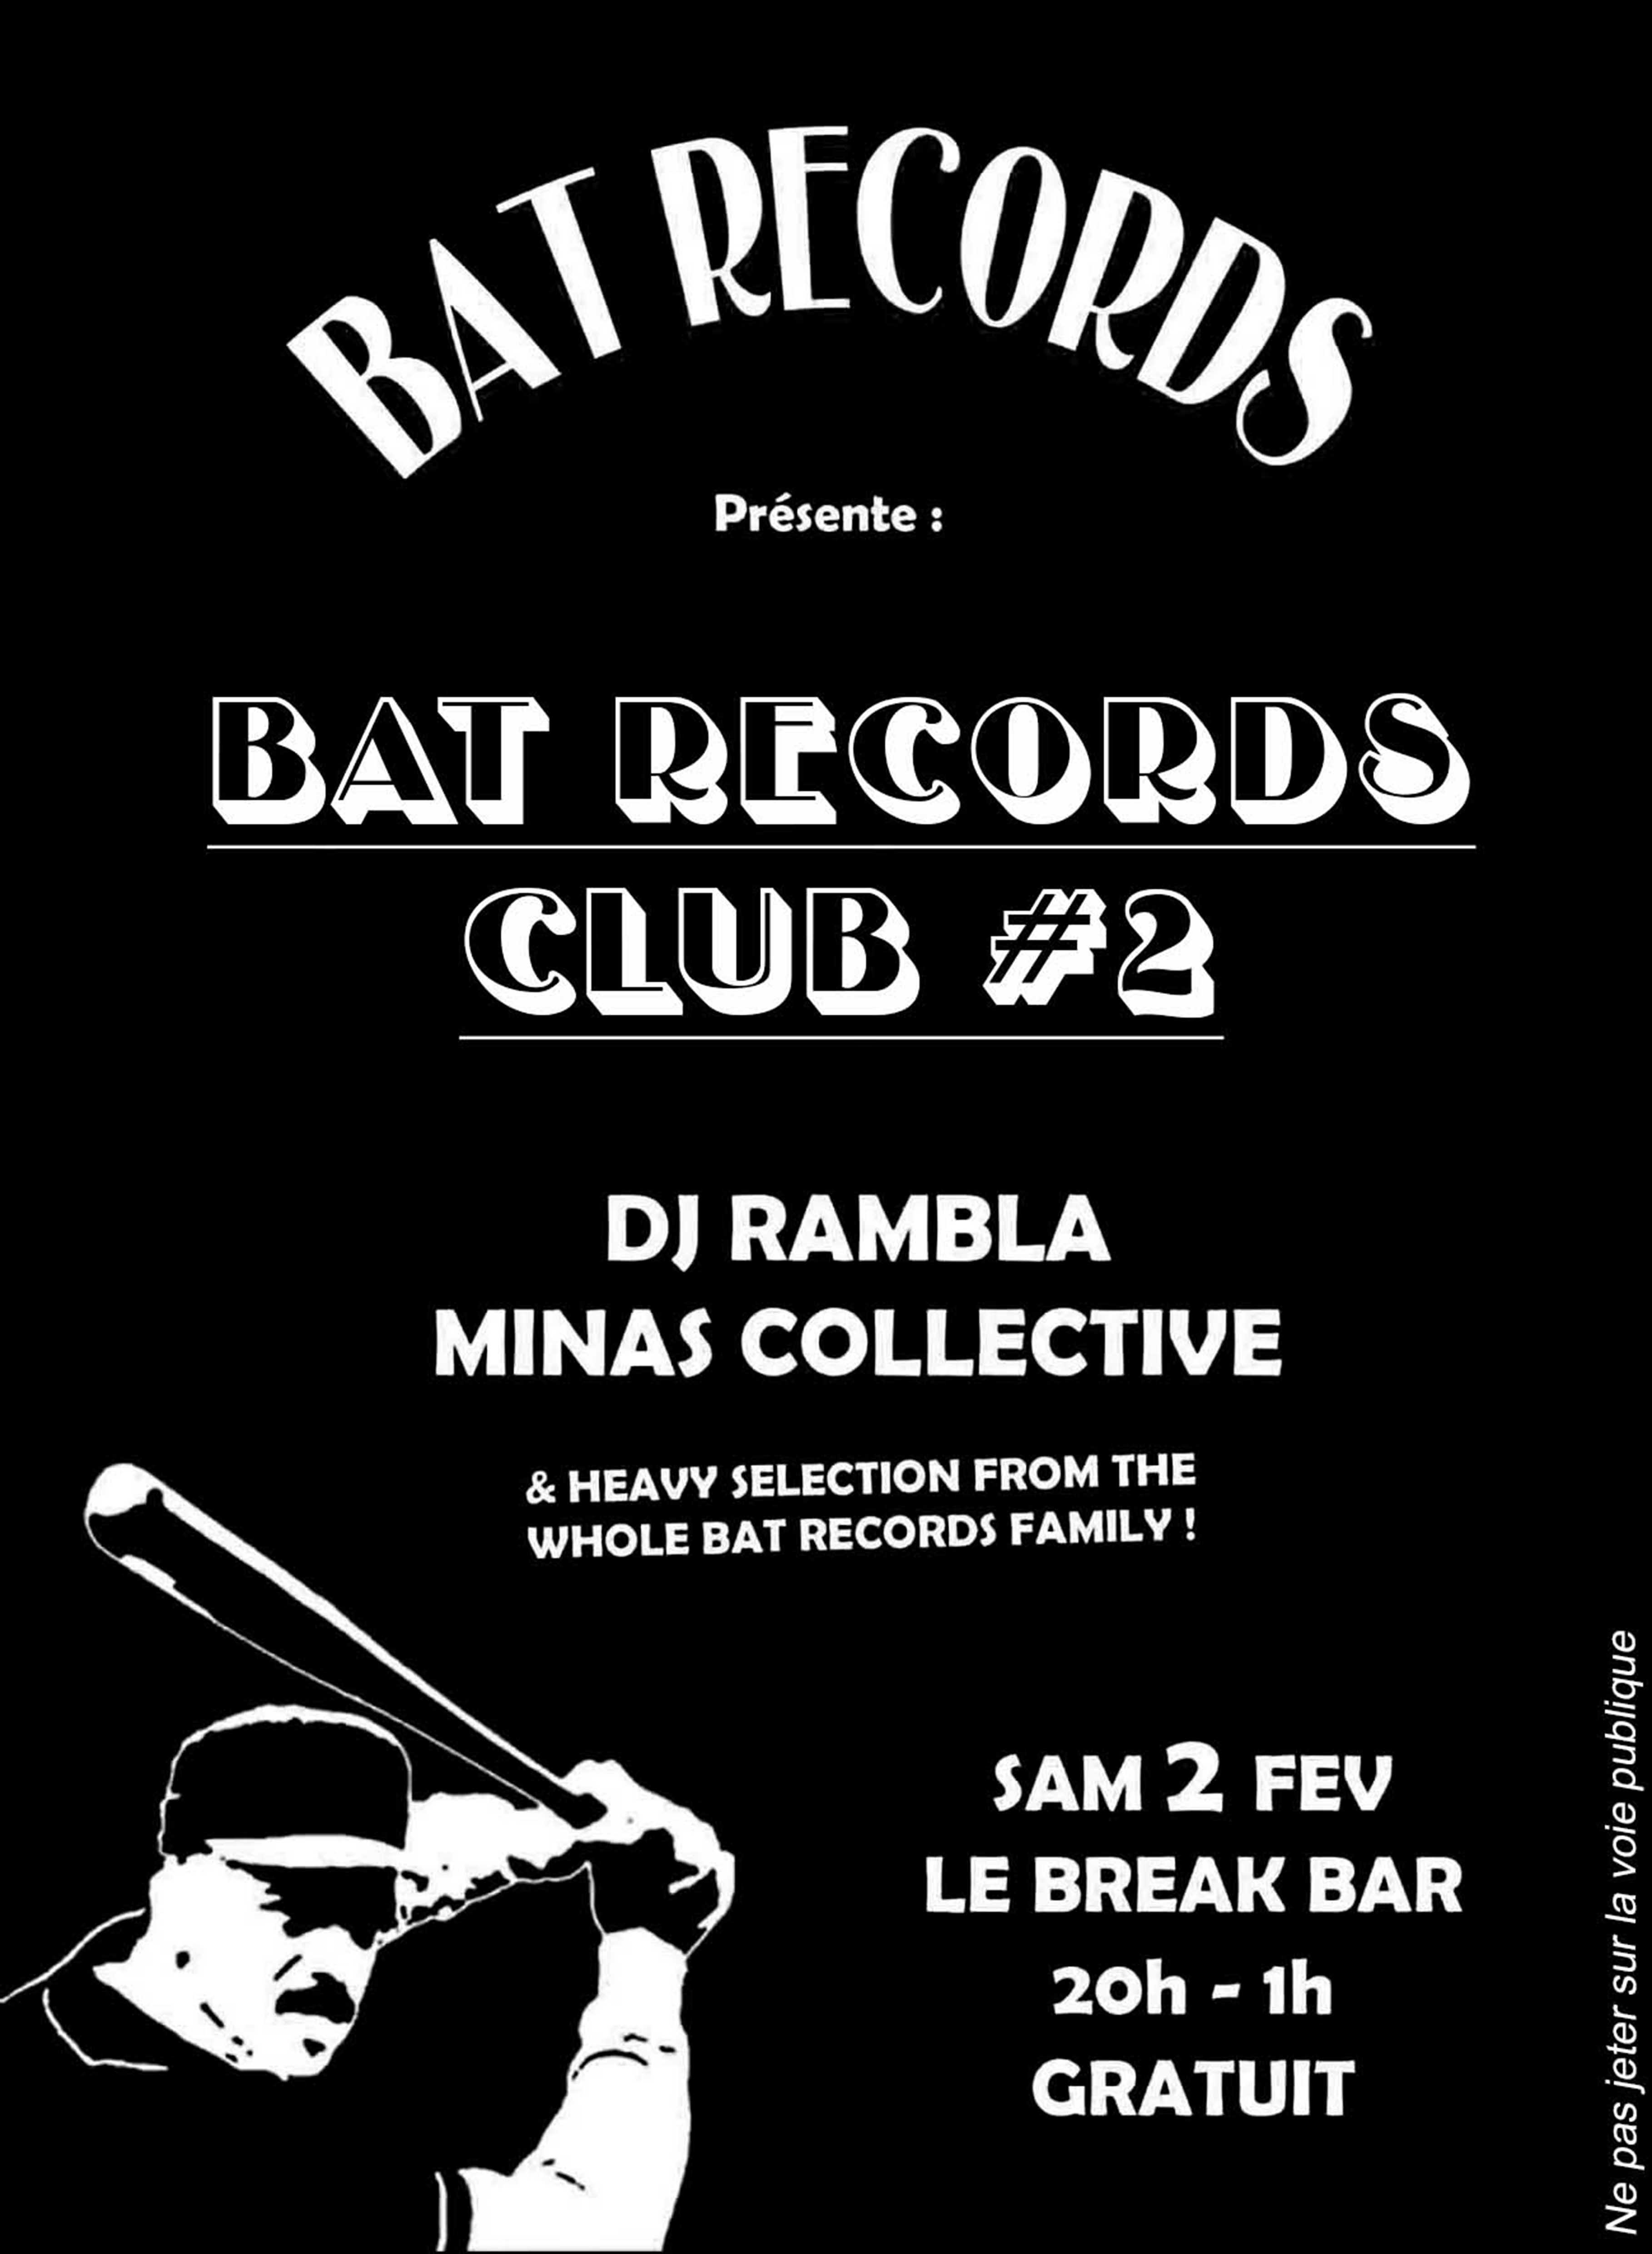 Bat Records Club #2